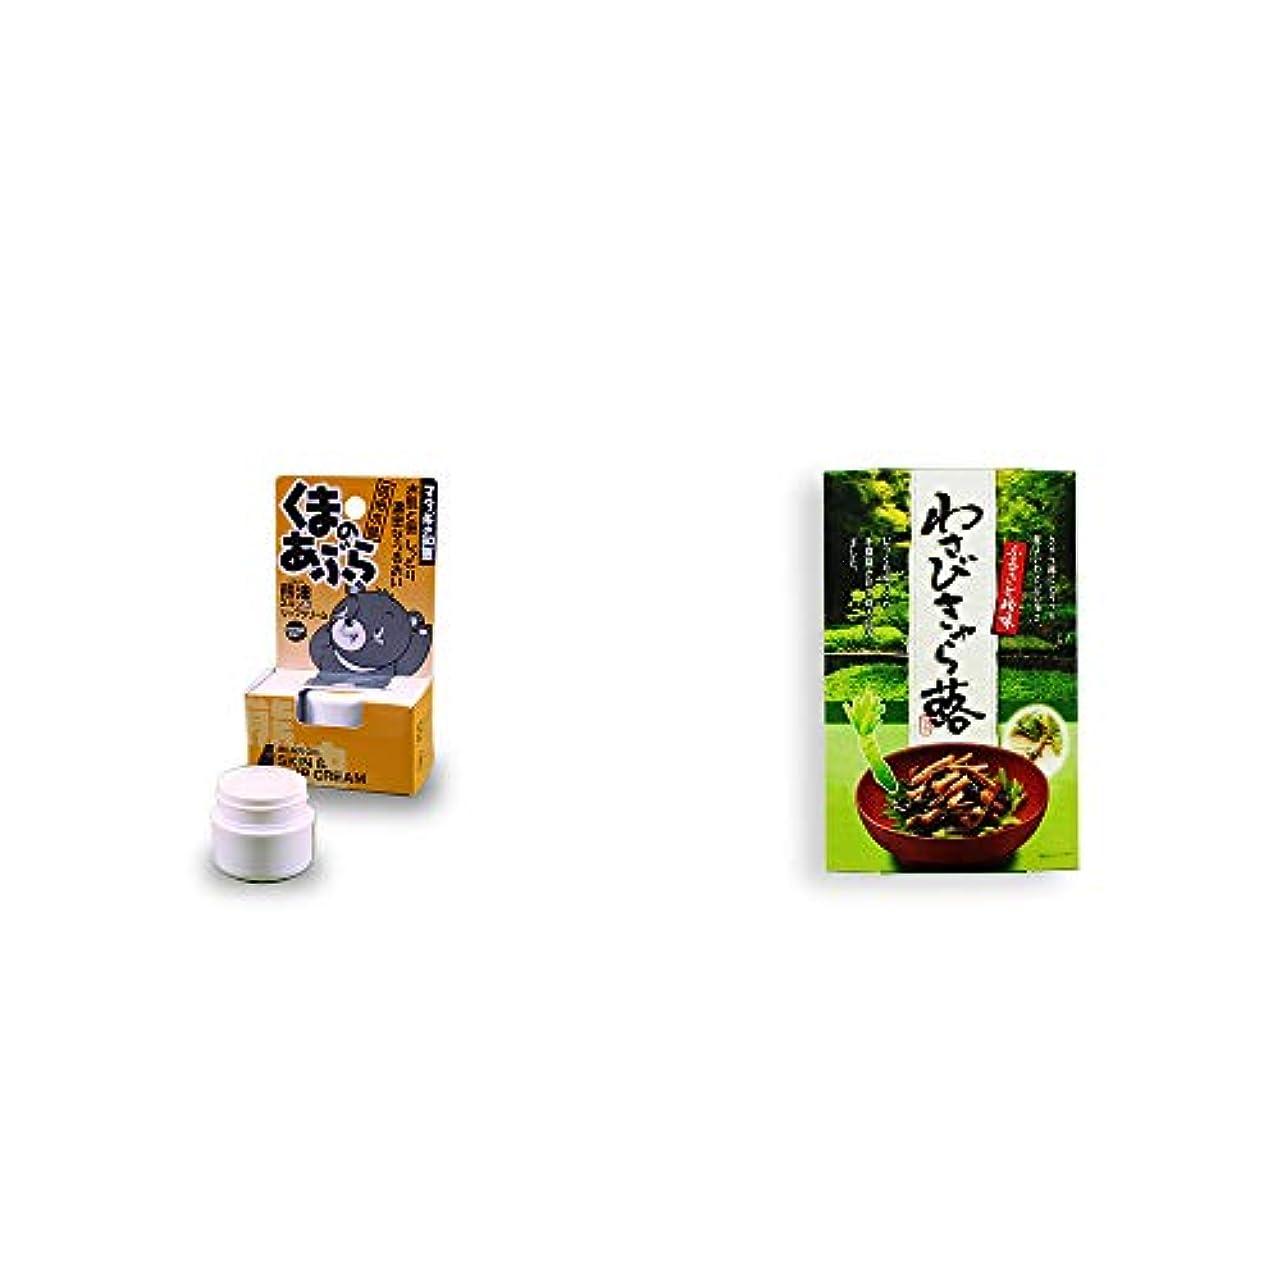 母性春モンク[2点セット] 信州木曽 くまのあぶら 熊油スキン&リップクリーム(9g)?わさびきゃら蕗(180g)